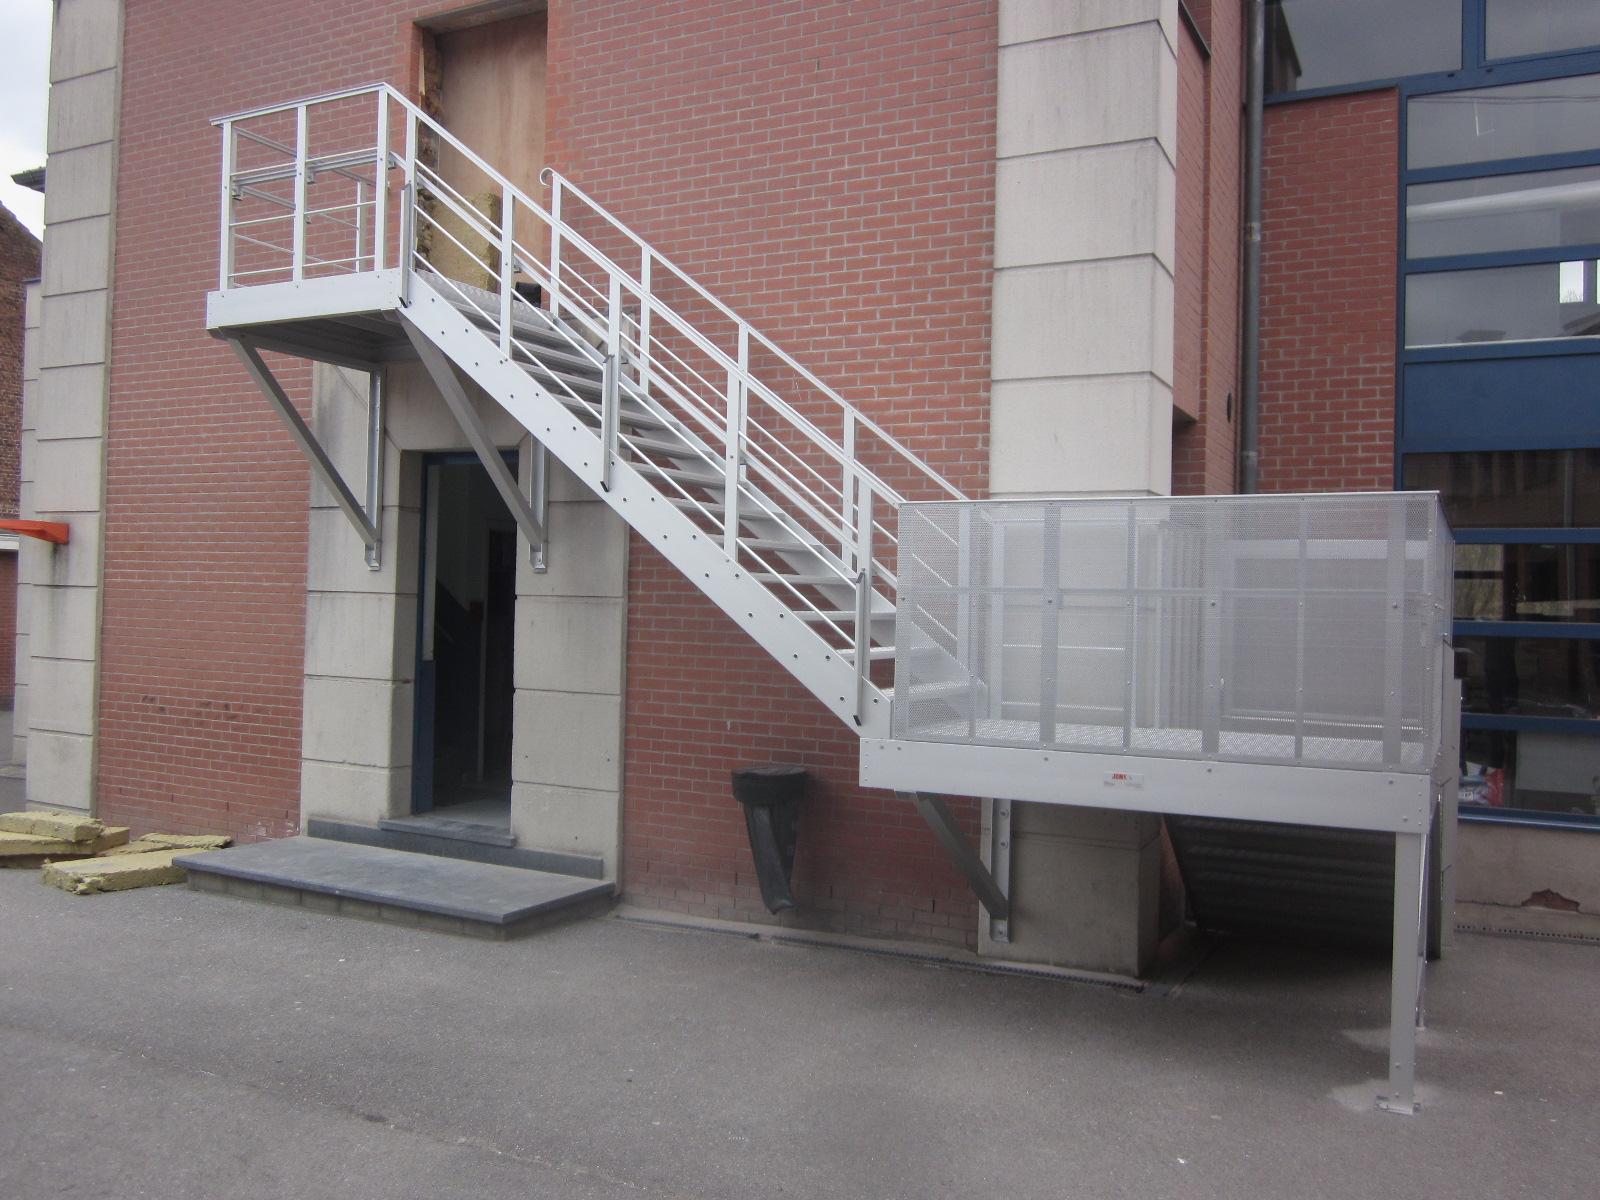 Jomy les caract ristiques principales de l 39 escalier de for Escalier en aluminium exterieur